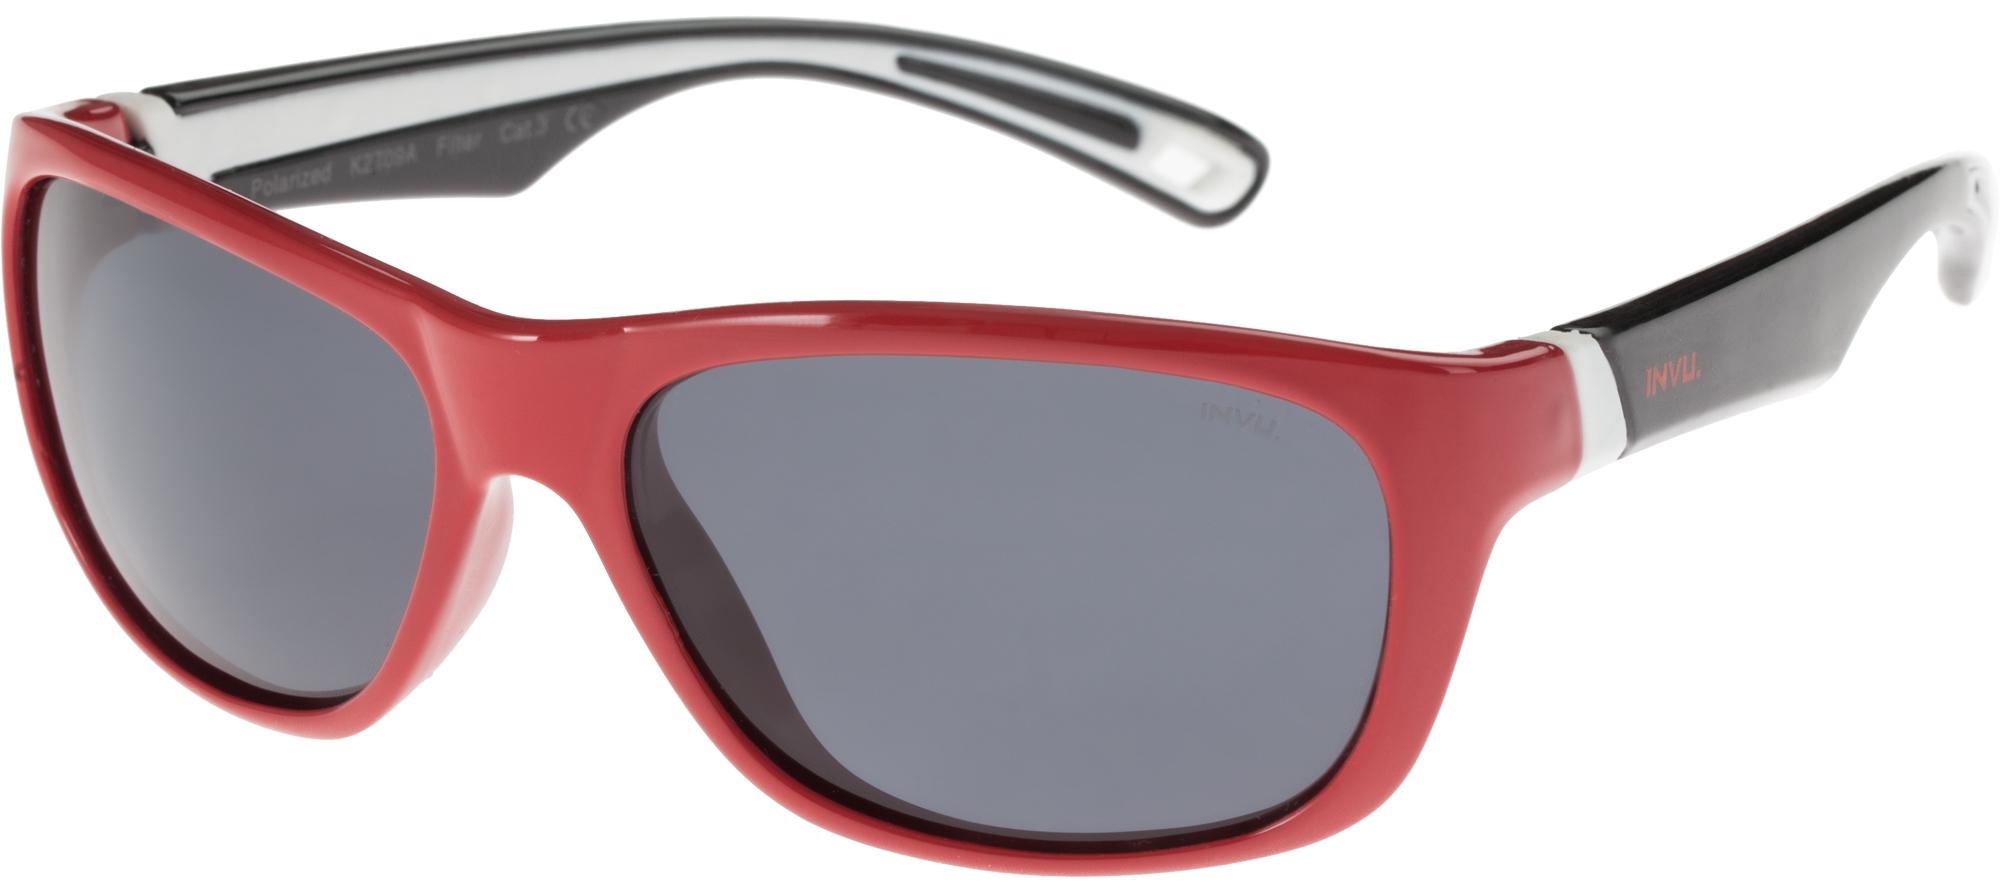 Invu Солнцезащитные очки детские Invu babiators очки солнцезащитные детские отзывы